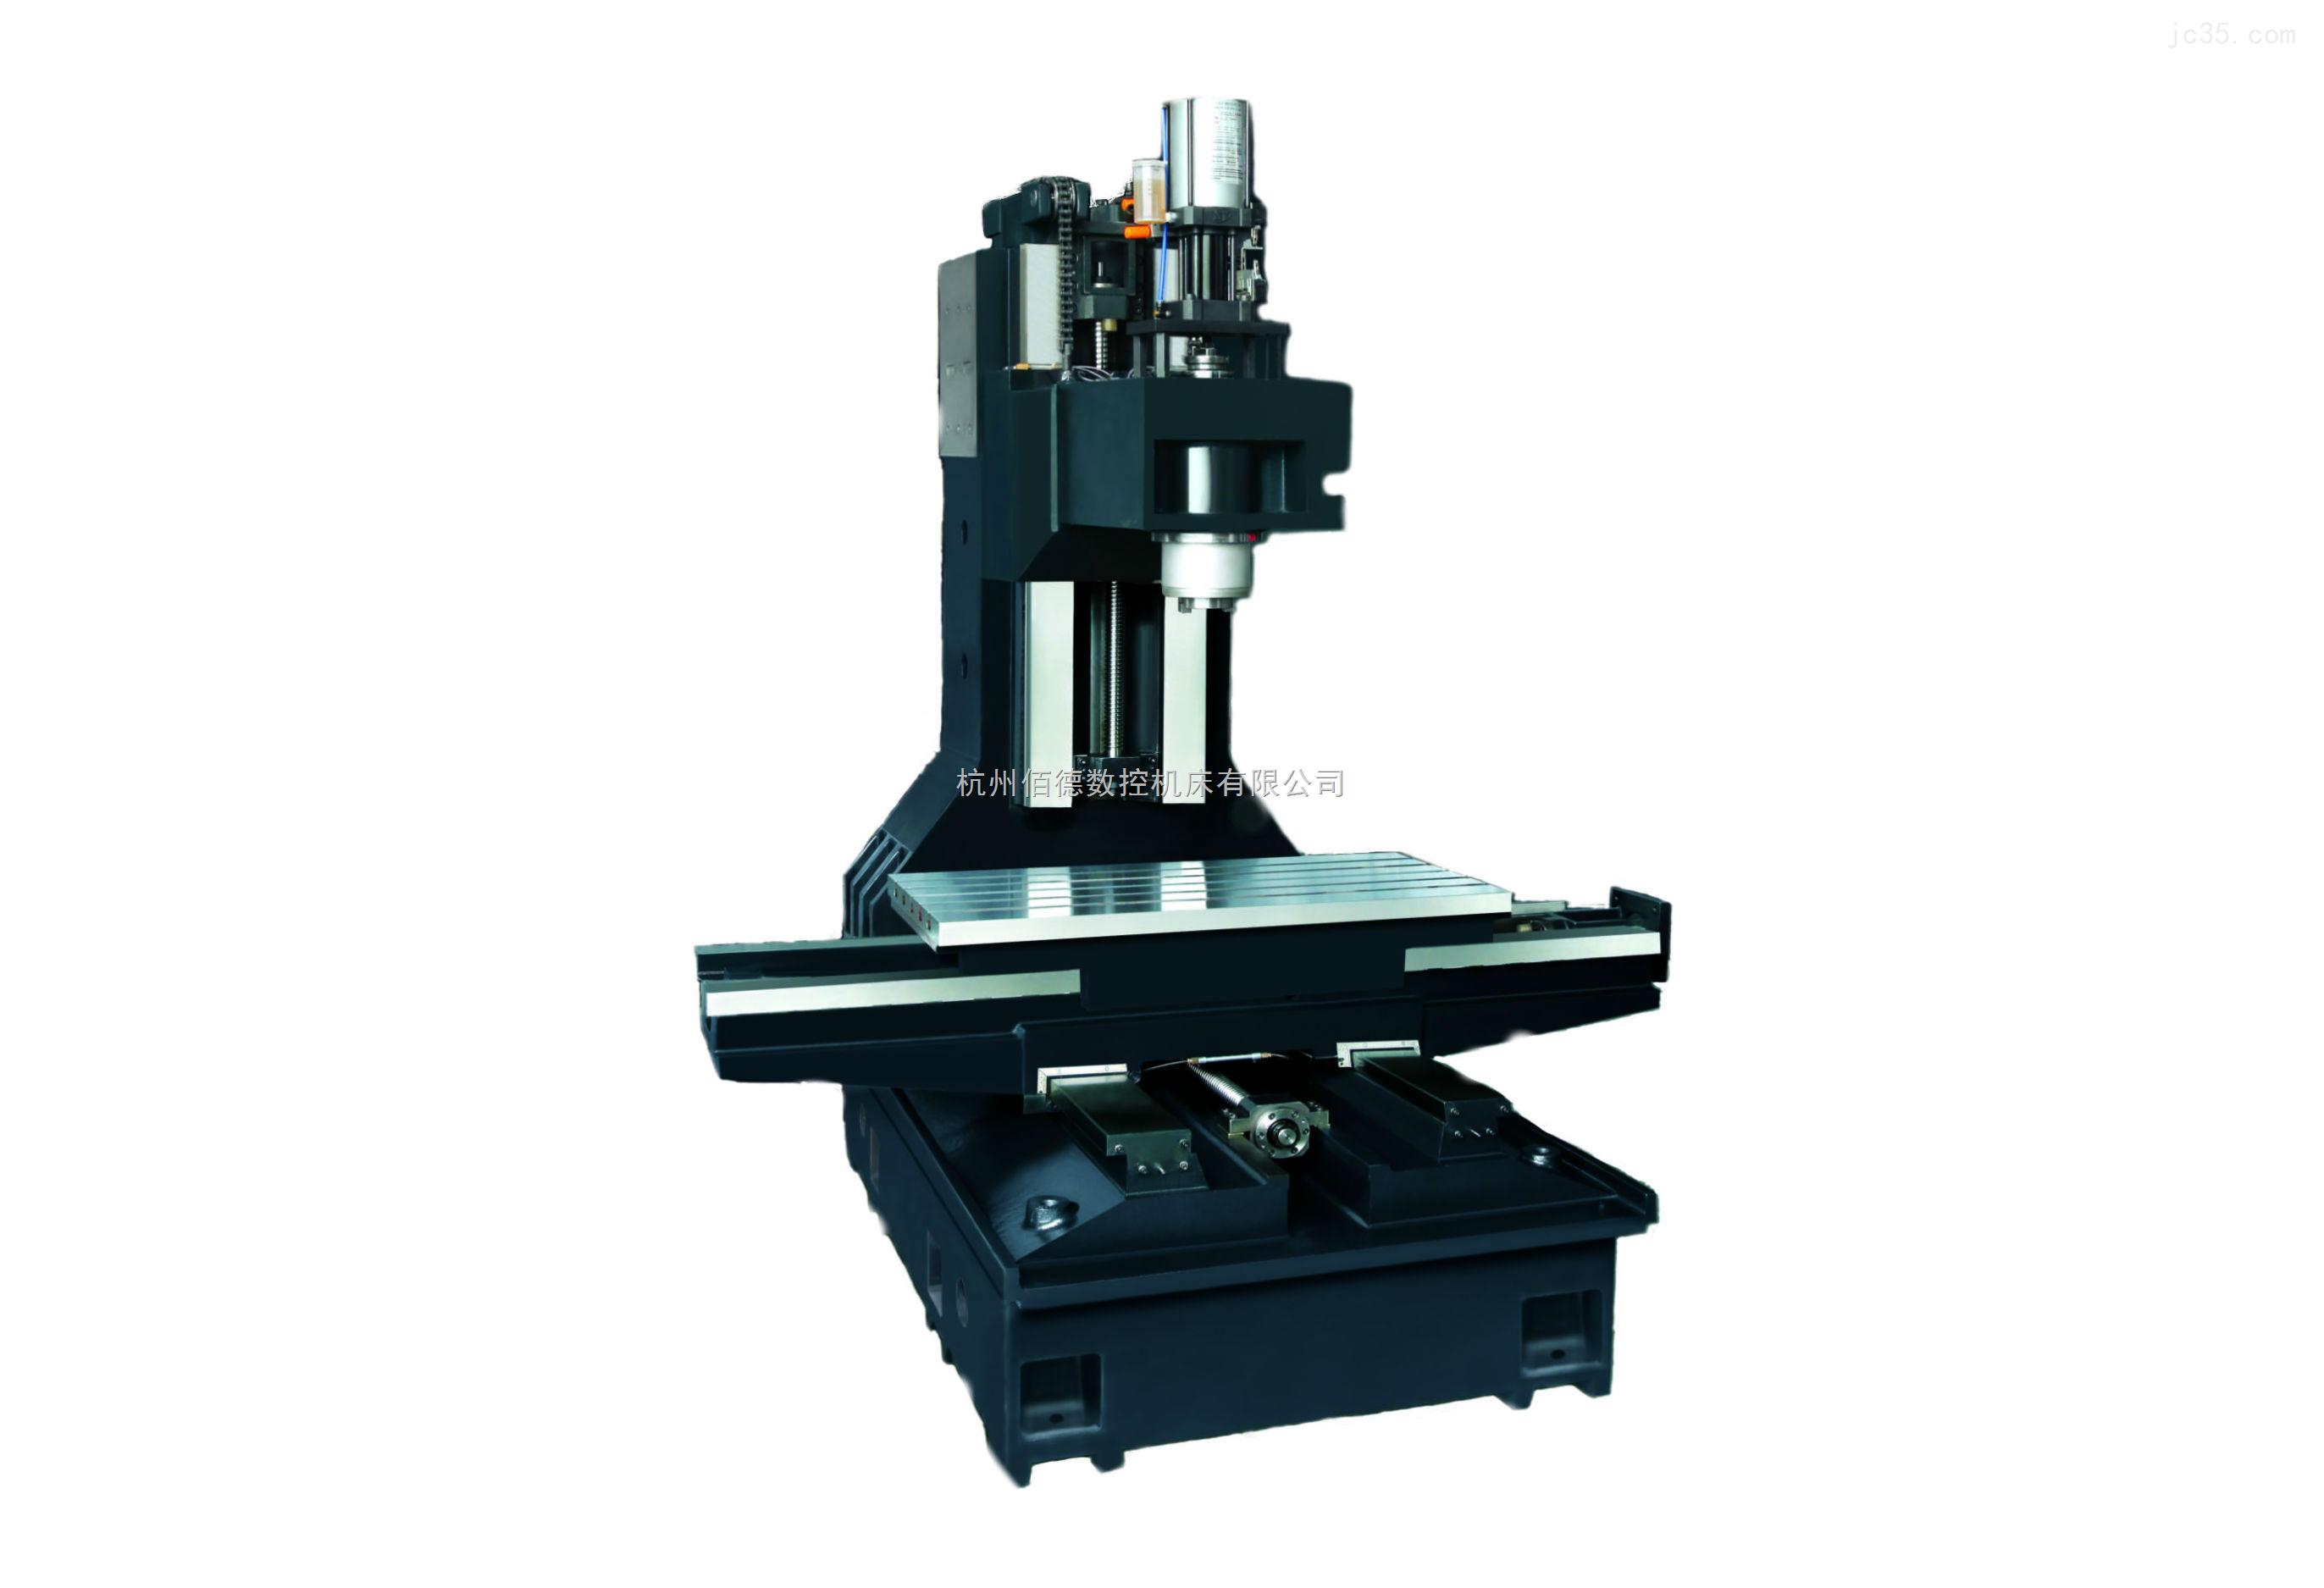 VMC-850型立式加工中心光机